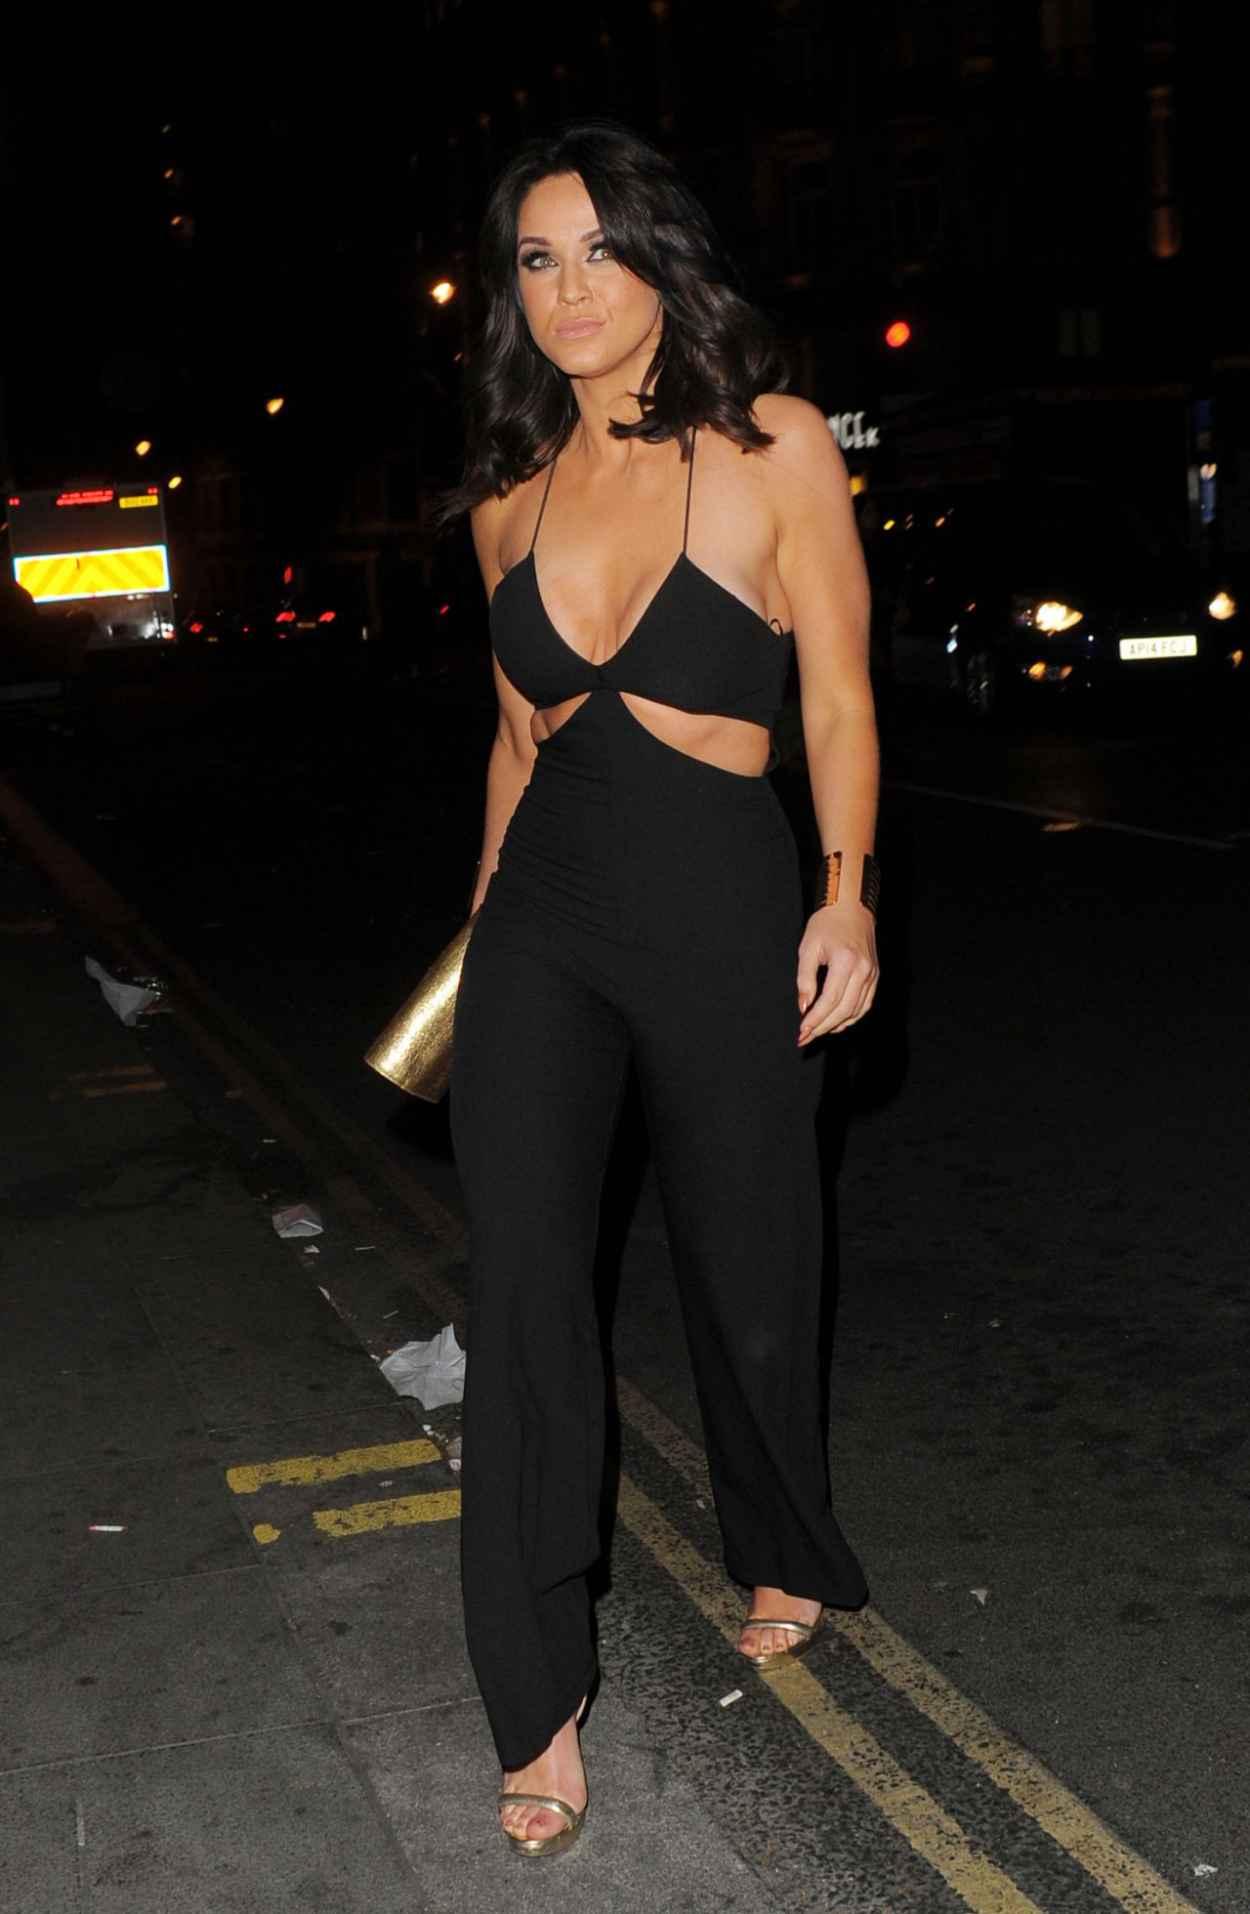 Vicky Pattison Night Out Style - London, April 2015-5